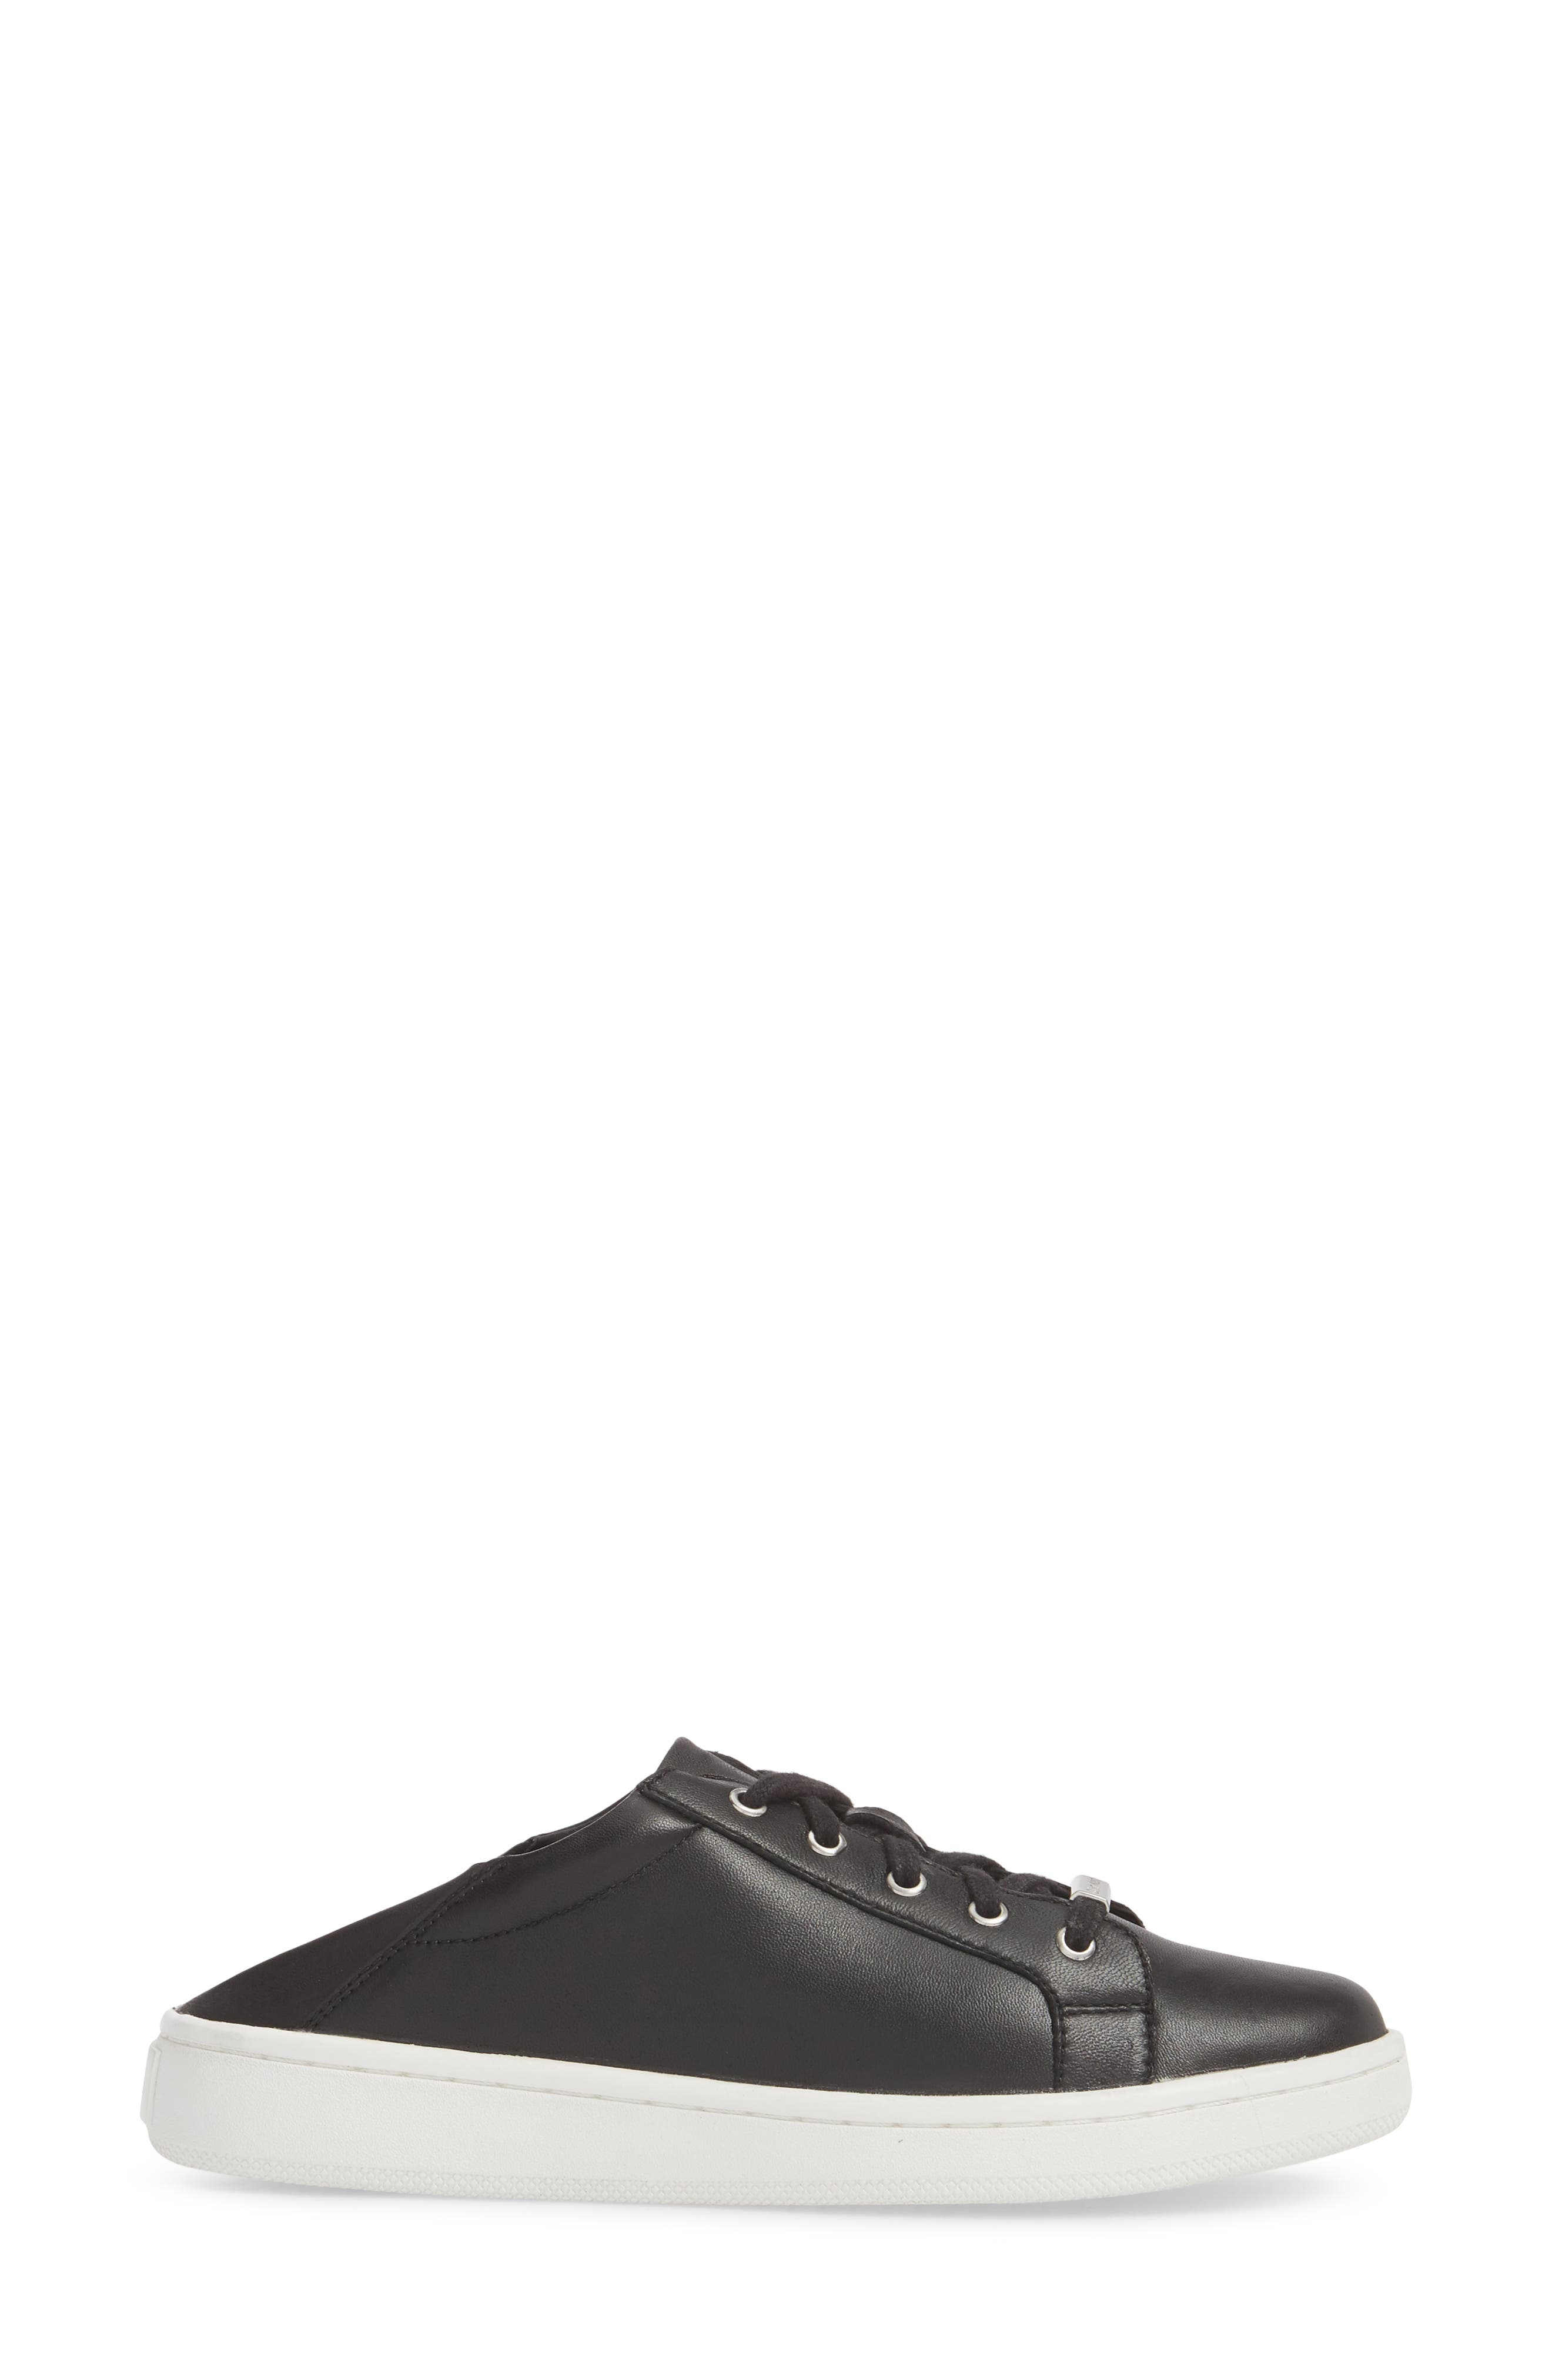 Danica Convertible Sneaker,                             Alternate thumbnail 4, color,                             004